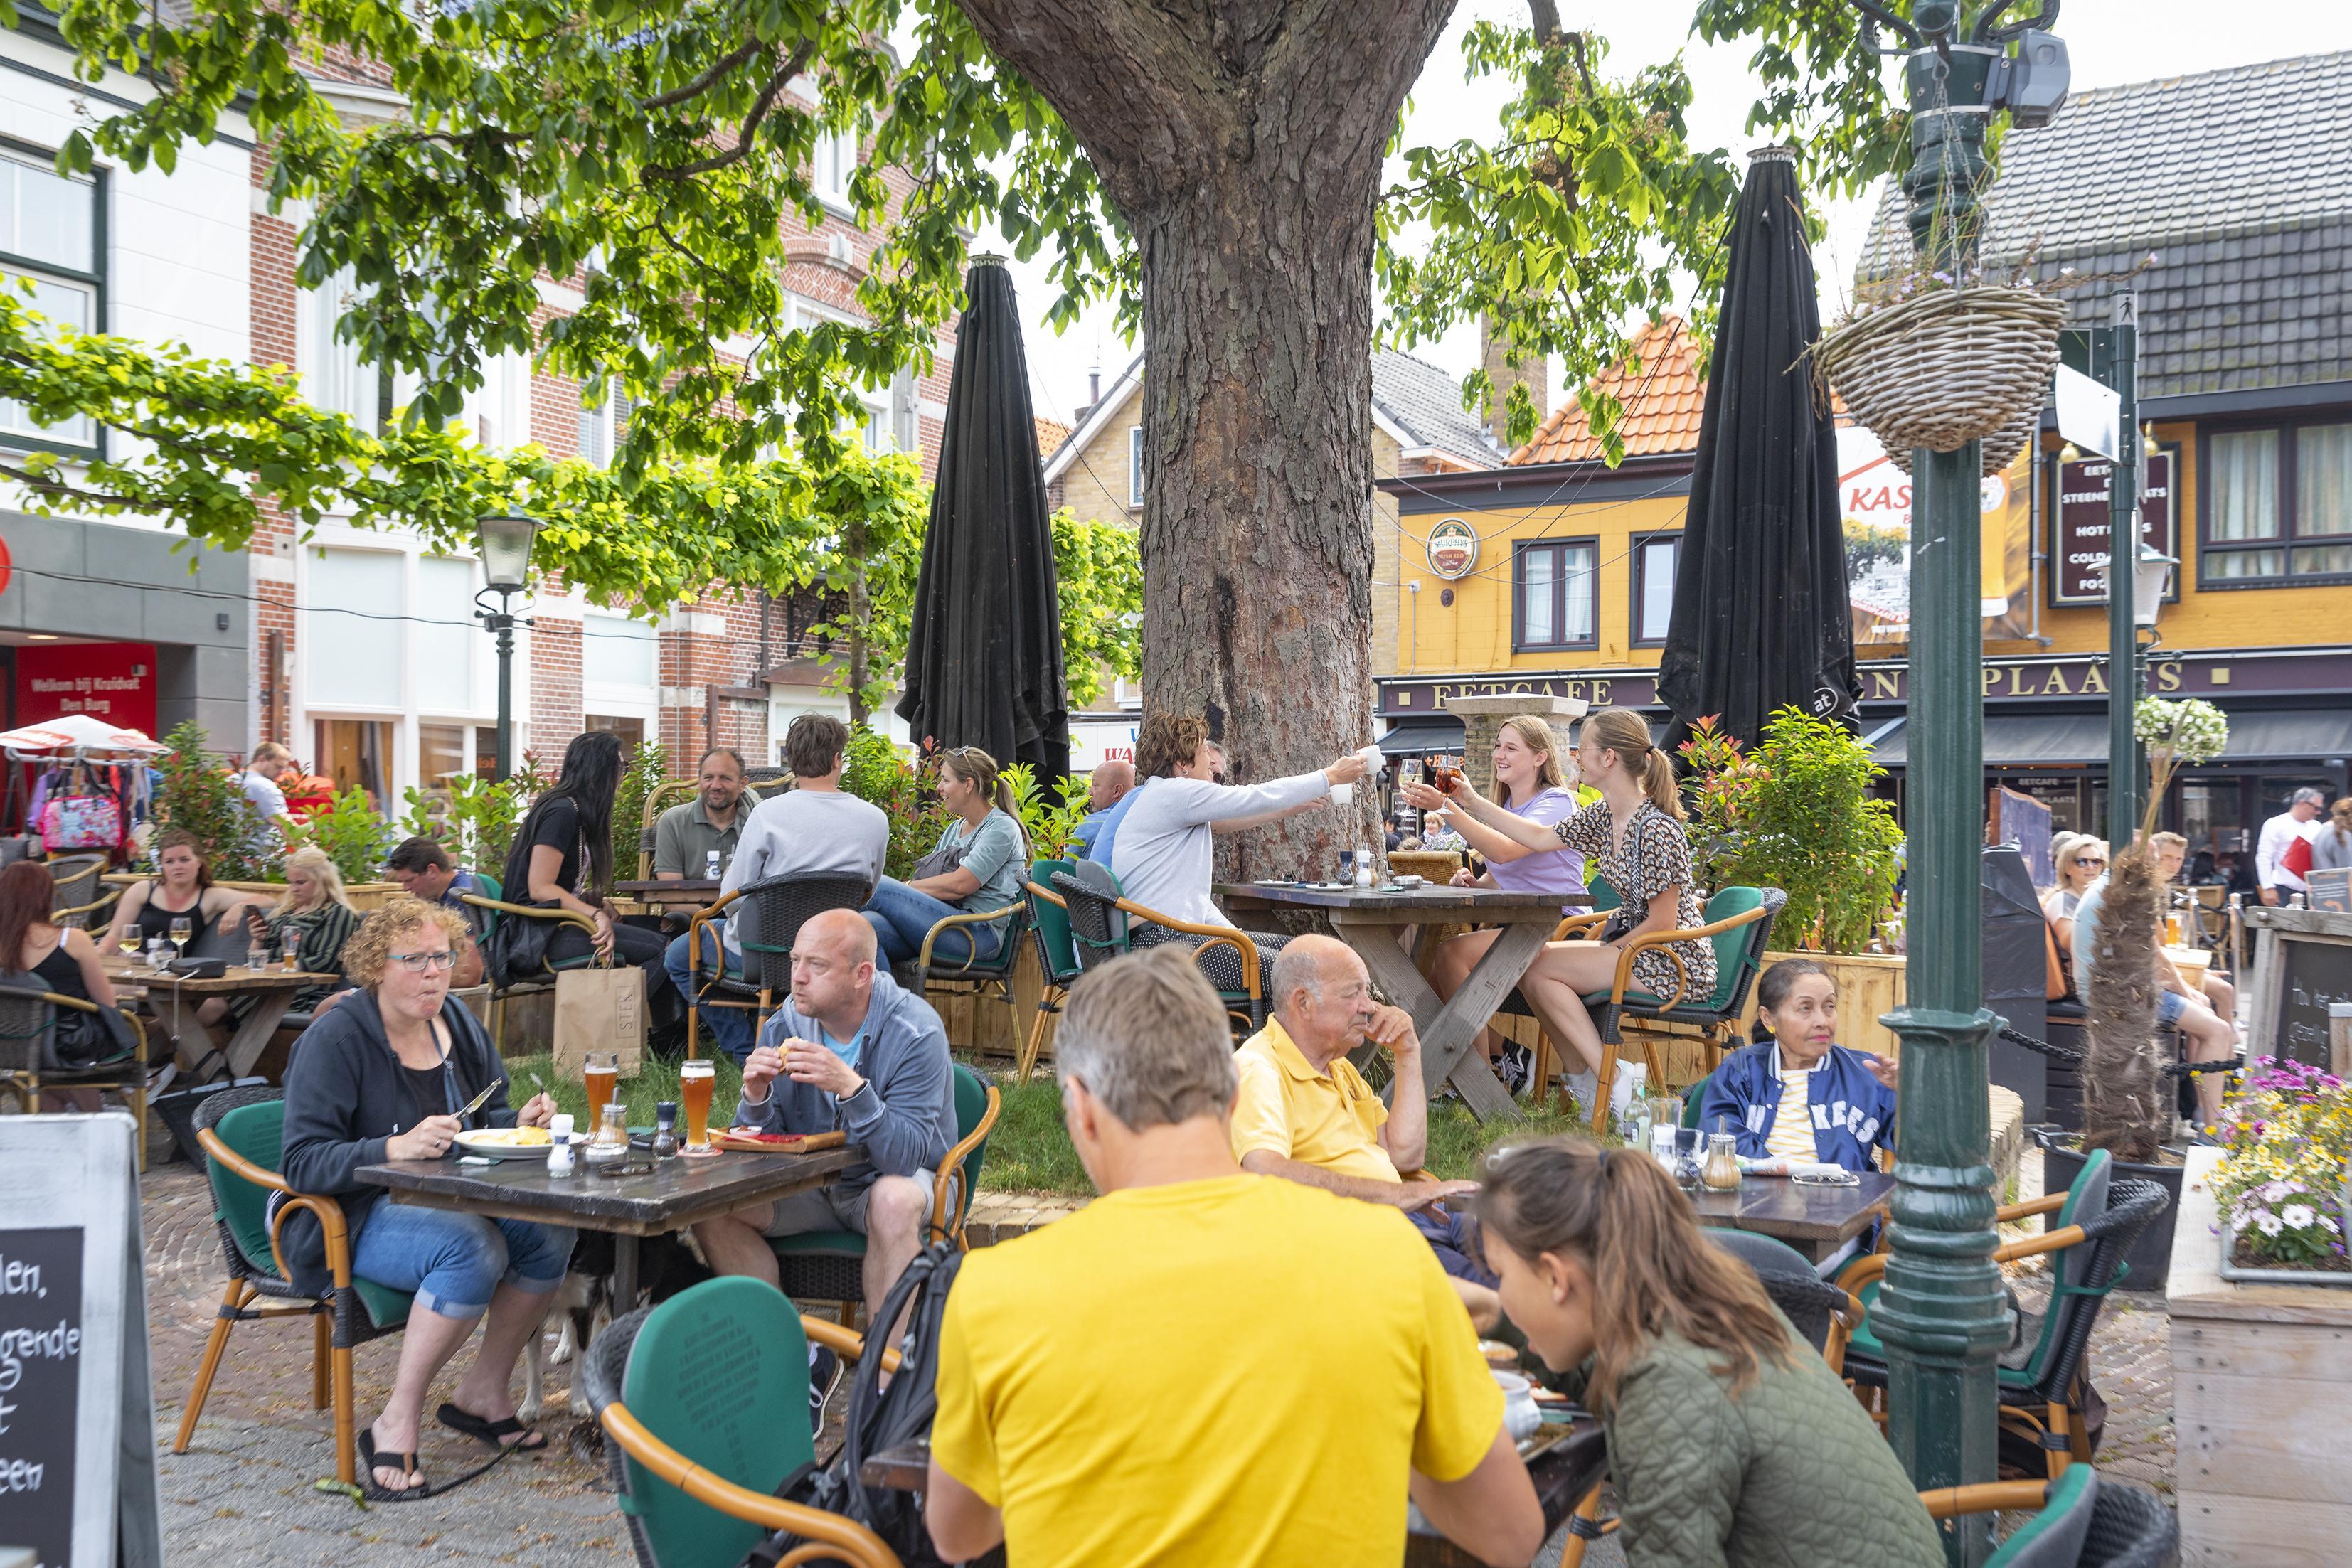 Boekingen bij VVV Texel rijzen de pan uit. 'Bij een binnenlandse vakantie komt het eiland direct in beeld'